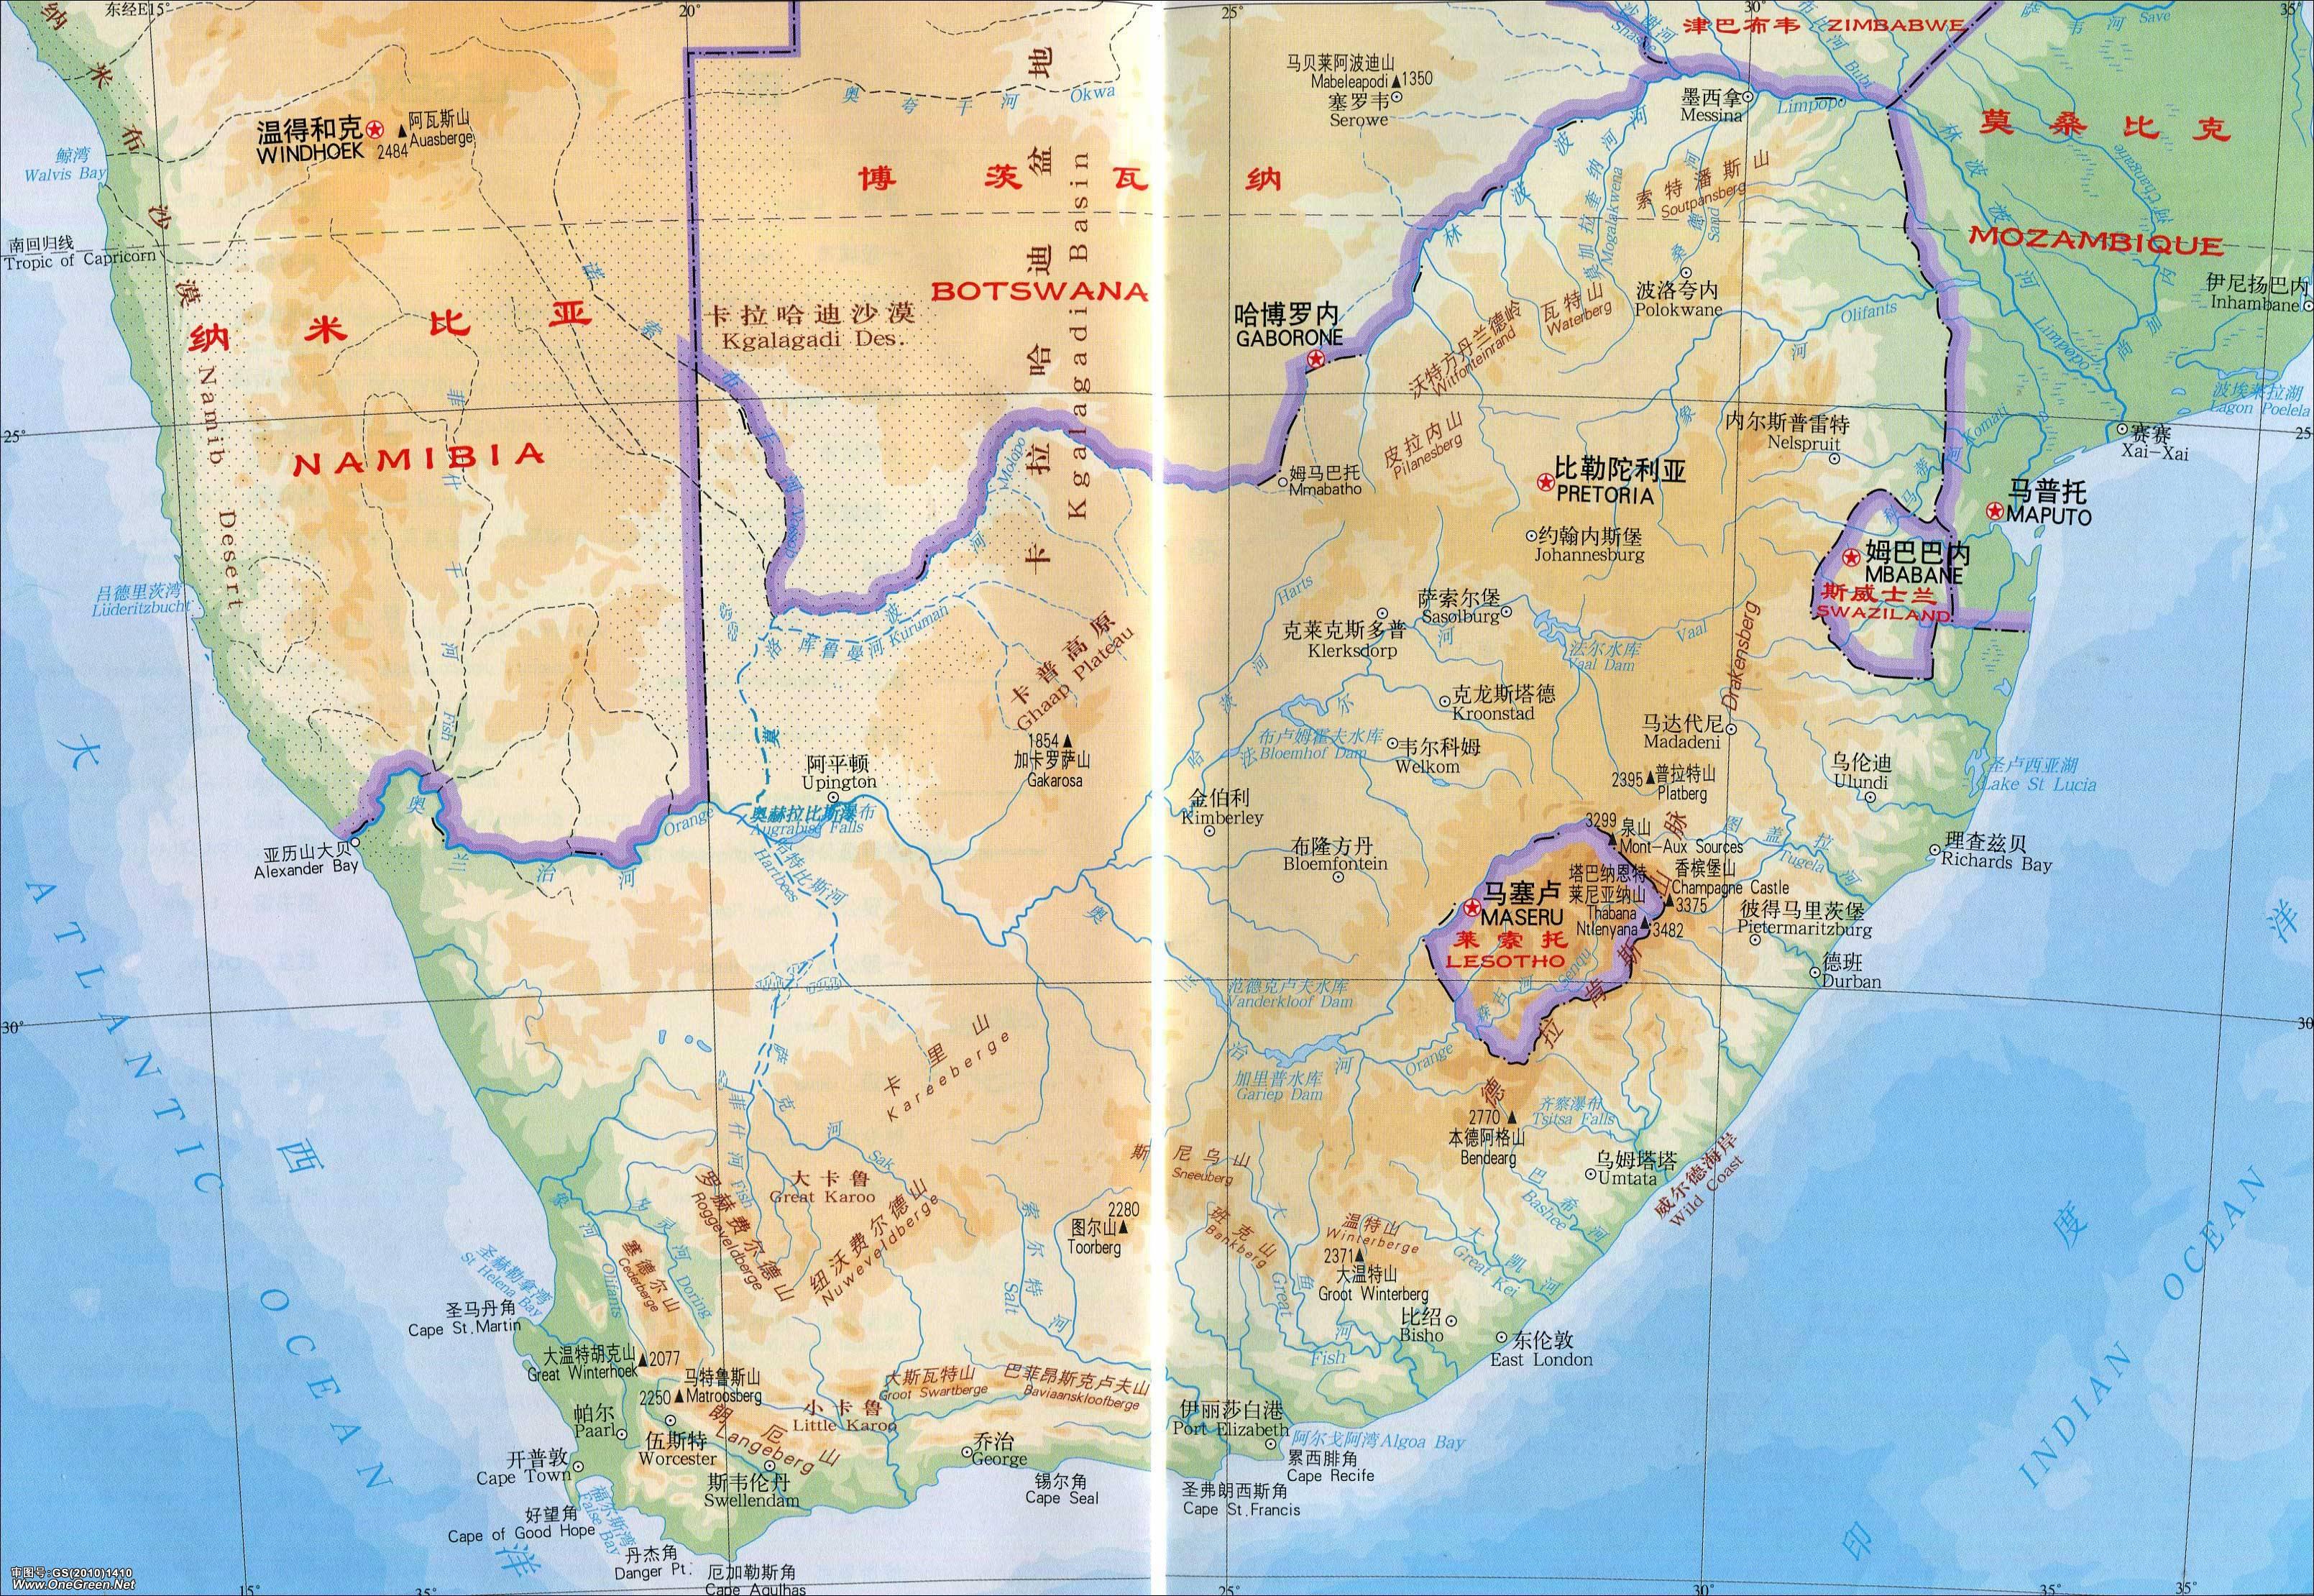 突尼斯旅游_南非地形地图_南非地图库_地图窝